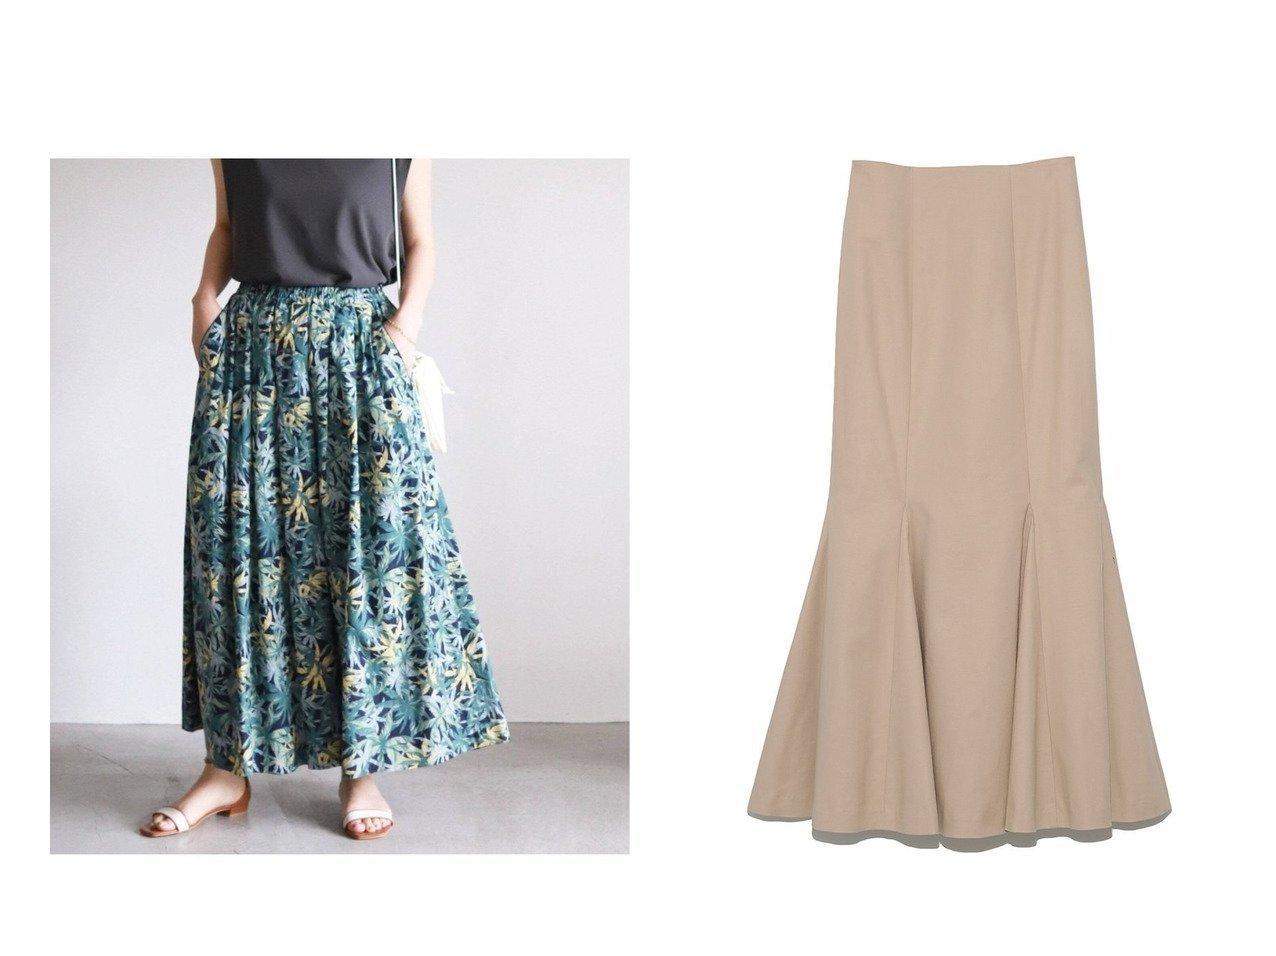 【SLOBE IENA/スローブ イエナ】の2 タックフレアスカート&【Lily Brown/リリーブラウン】のマーメイドスカート 【スカート】おすすめ!人気、トレンド・レディースファッションの通販 おすすめで人気の流行・トレンド、ファッションの通販商品 インテリア・家具・メンズファッション・キッズファッション・レディースファッション・服の通販 founy(ファニー) https://founy.com/ ファッション Fashion レディースファッション WOMEN スカート Skirt ロングスカート Long Skirt Aライン/フレアスカート Flared A-Line Skirts マーメイド リラックス ロング  ID:crp329100000068453